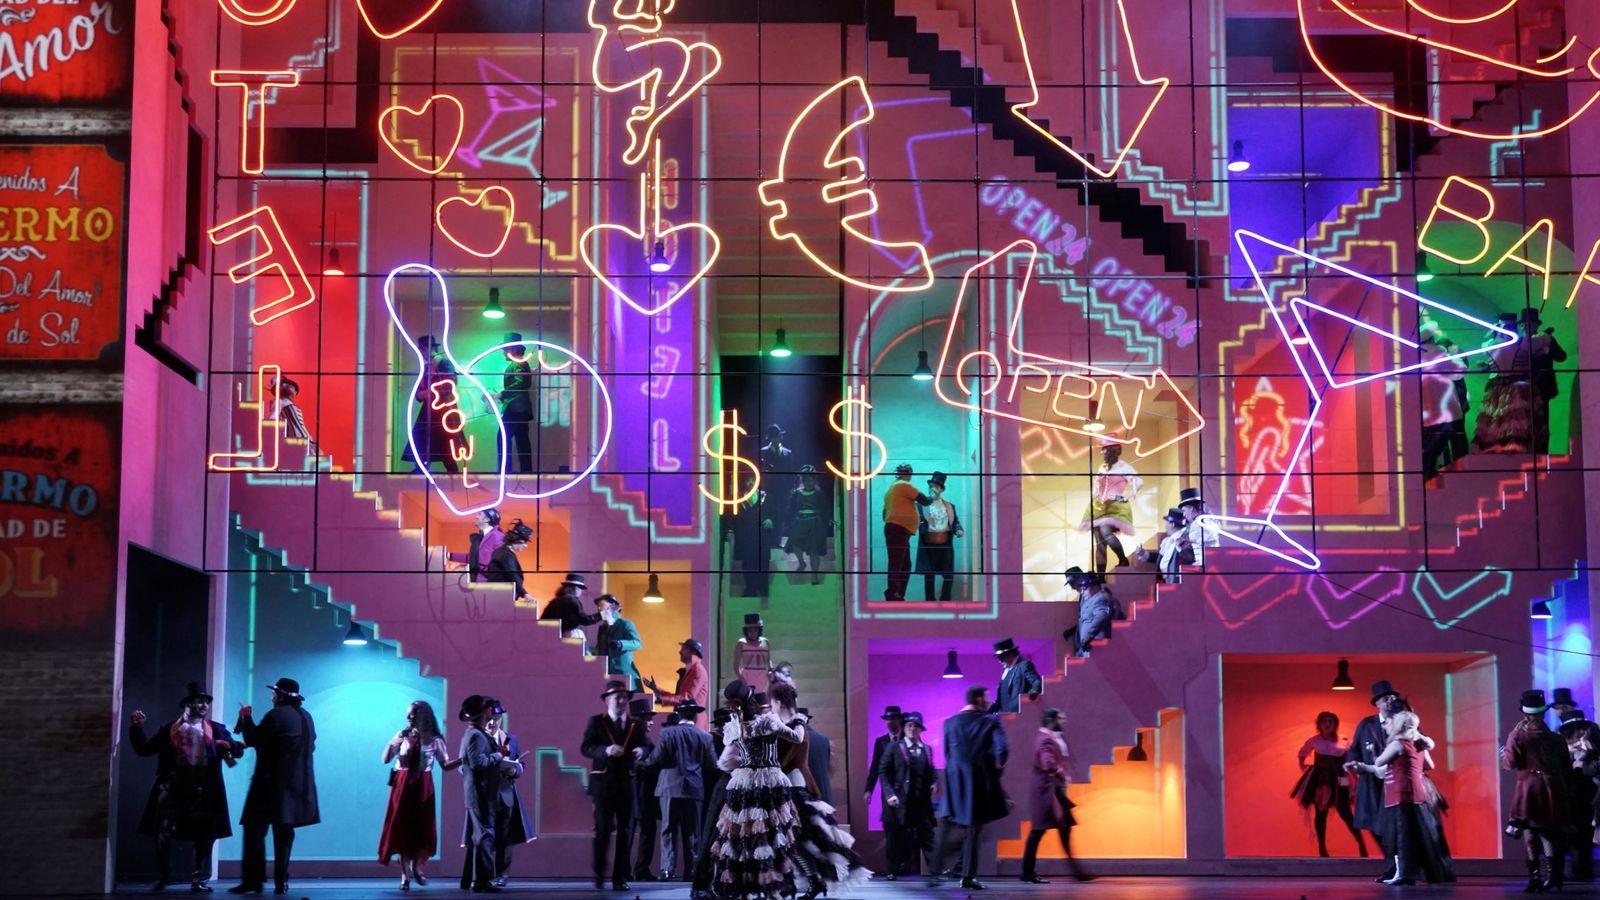 Foto: 'La prohibición de amar' es una coproducción entre el Real, la Royal Opera House de Londres y el Teatro Colón de Buenos Aires (Javi del Real)